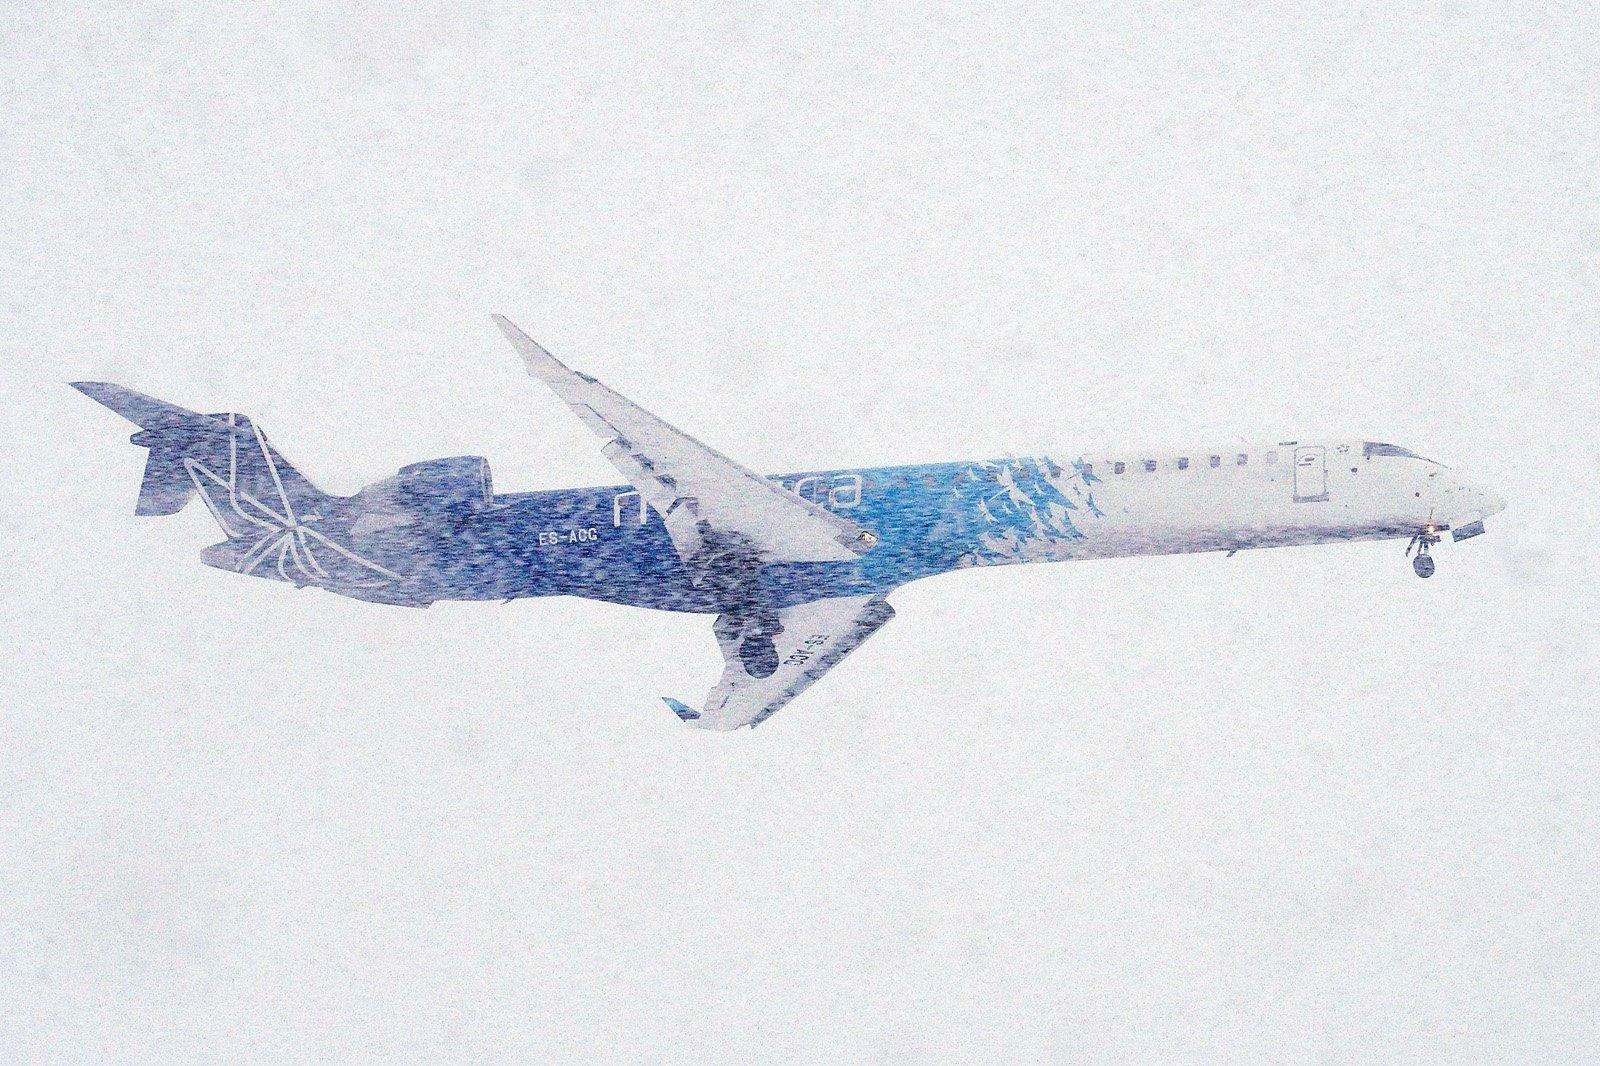 ES-ACG lumimyräkässä